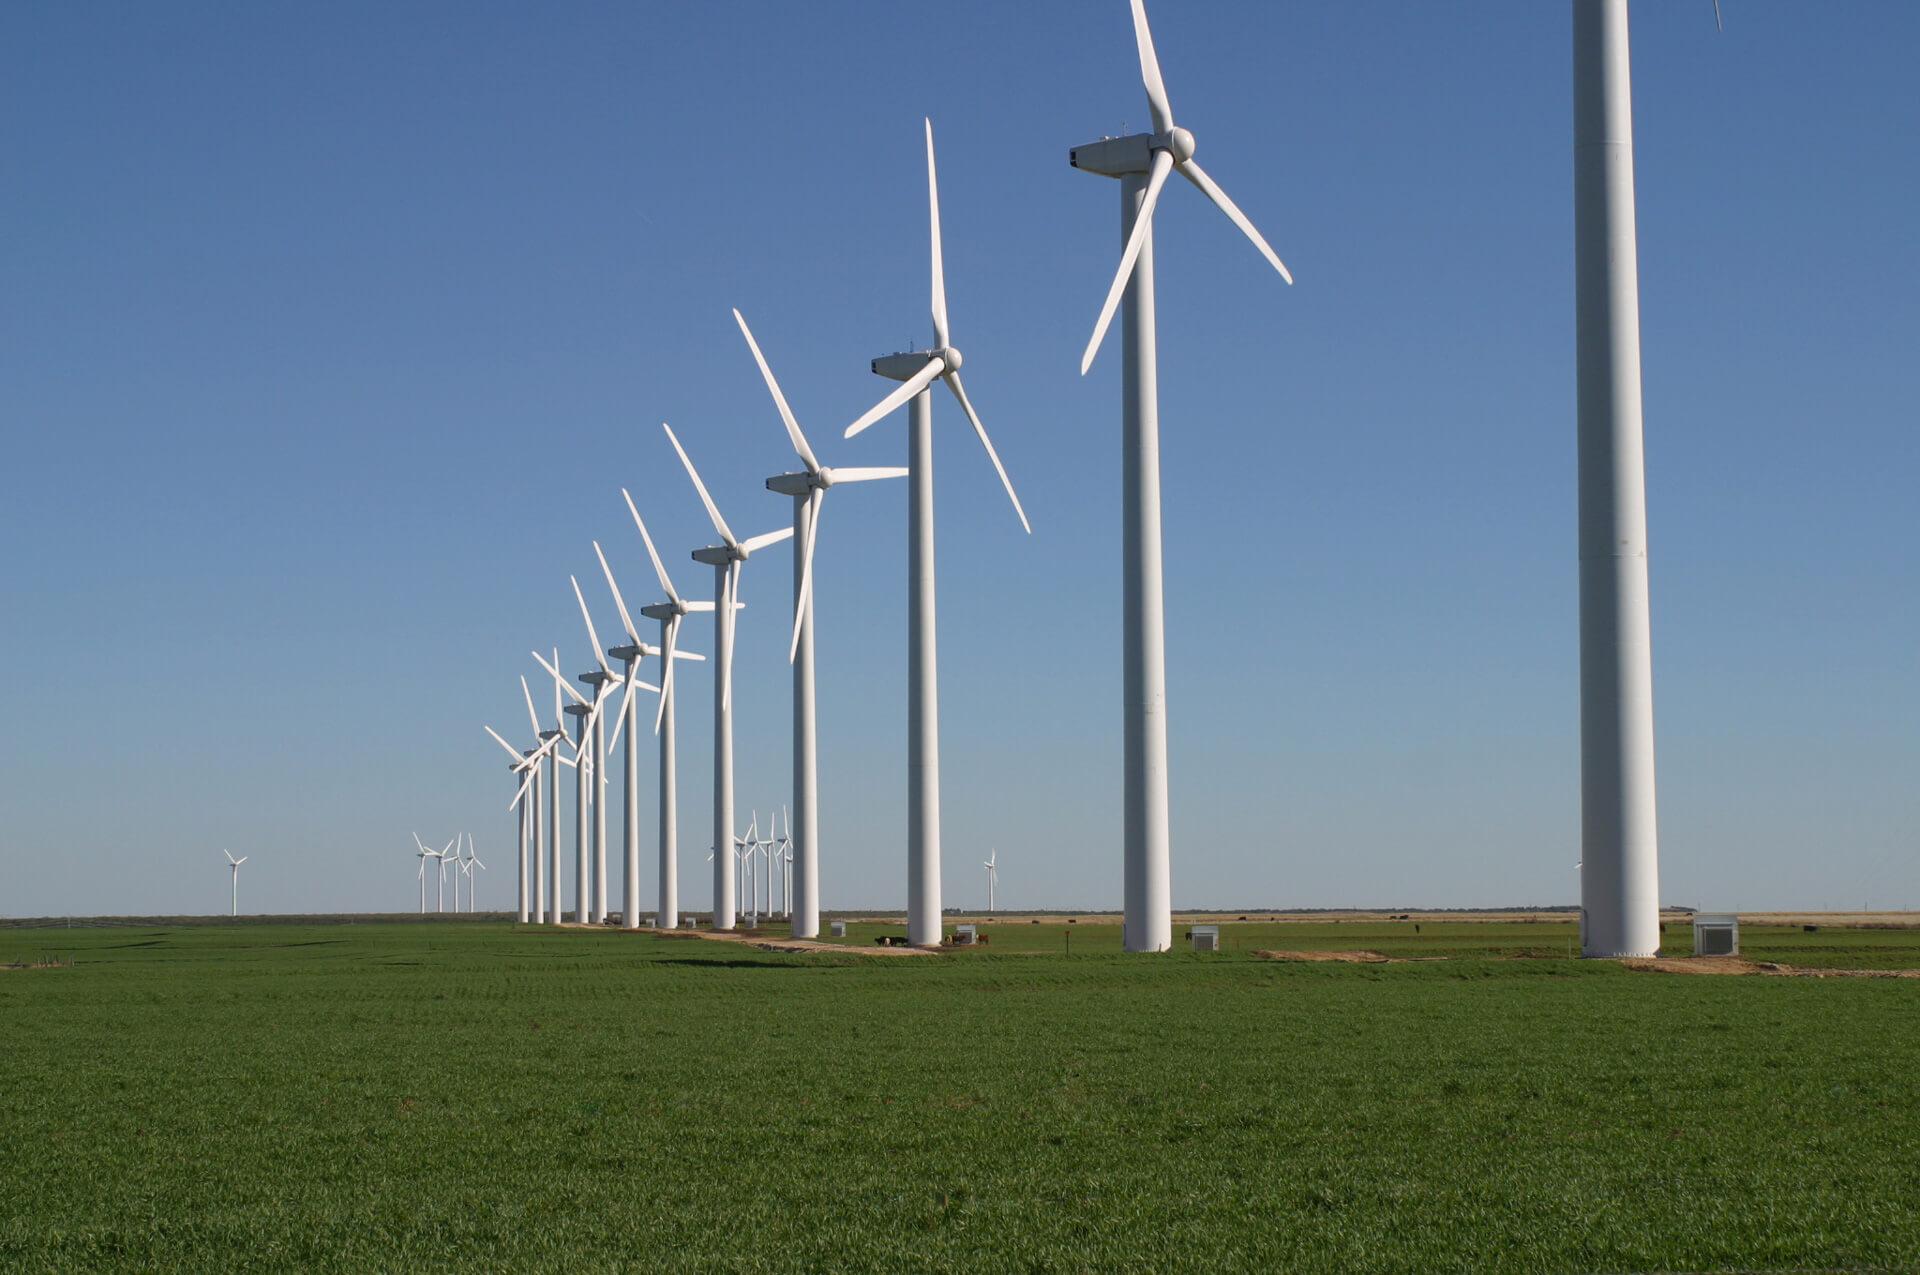 Megújuló energiaforrások a szélenergia vagy szélerőmű